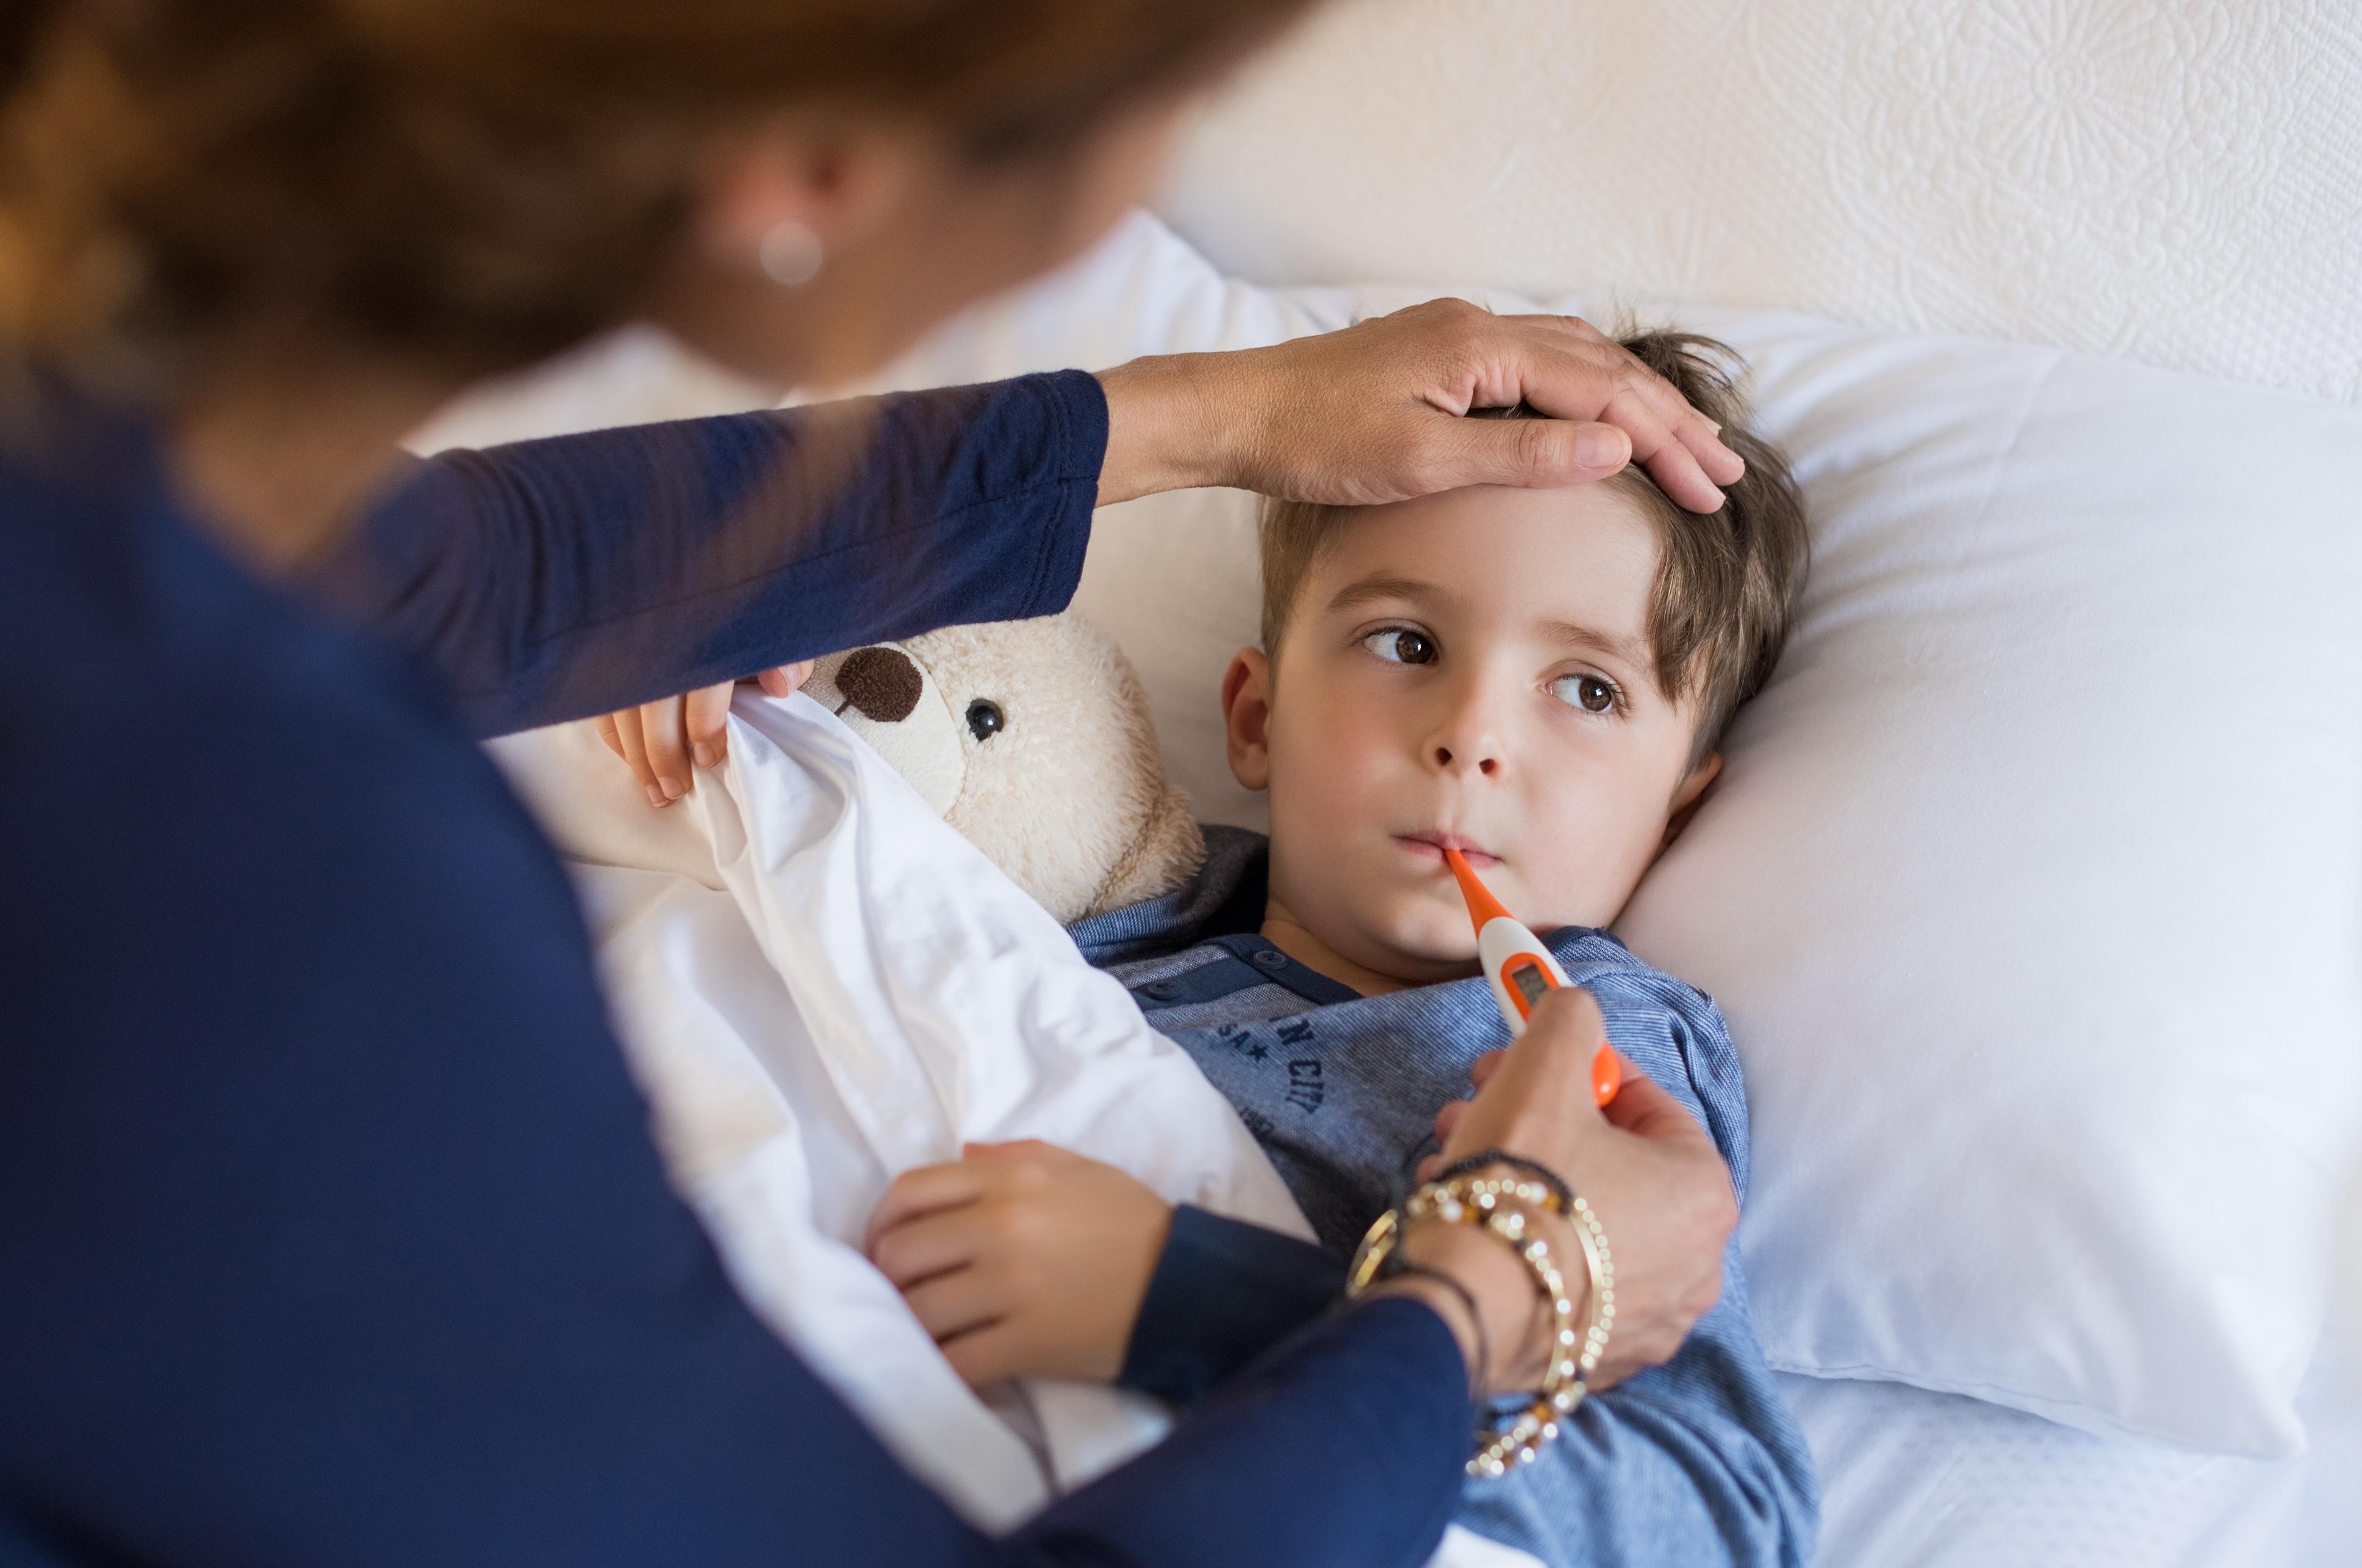 causas de vomito y fiebre en bebes